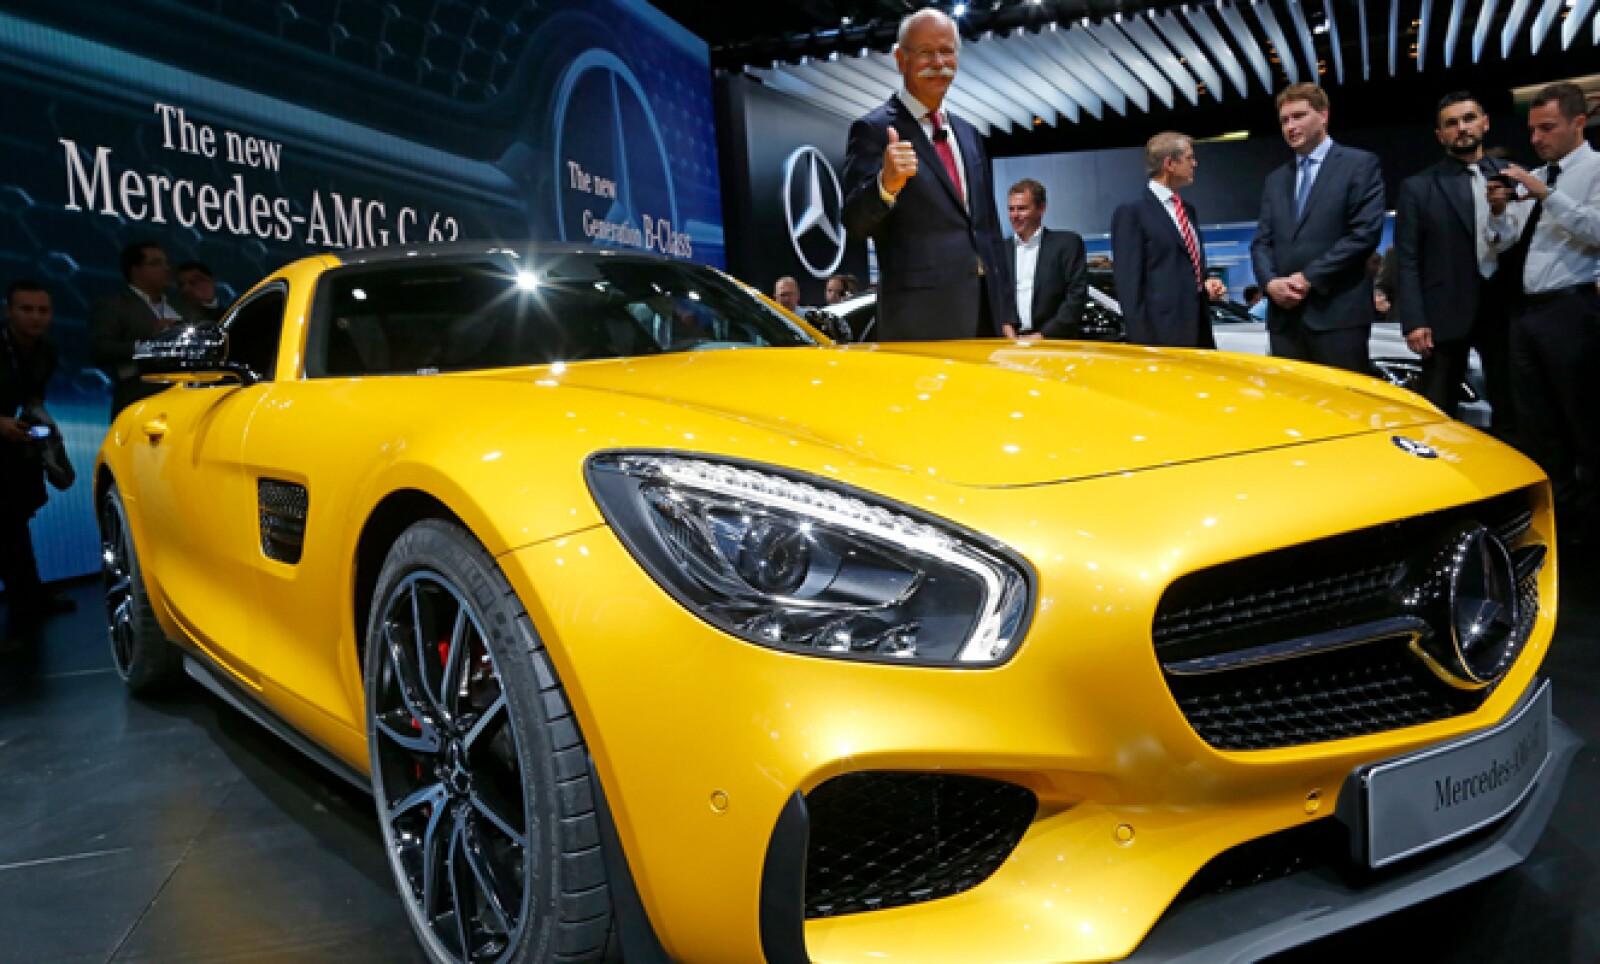 El presidente ejecutivo de Daimler AG y jefe de Mercedes Benz, Dieter Zetsche, presume el nuevo modelo AMG GT